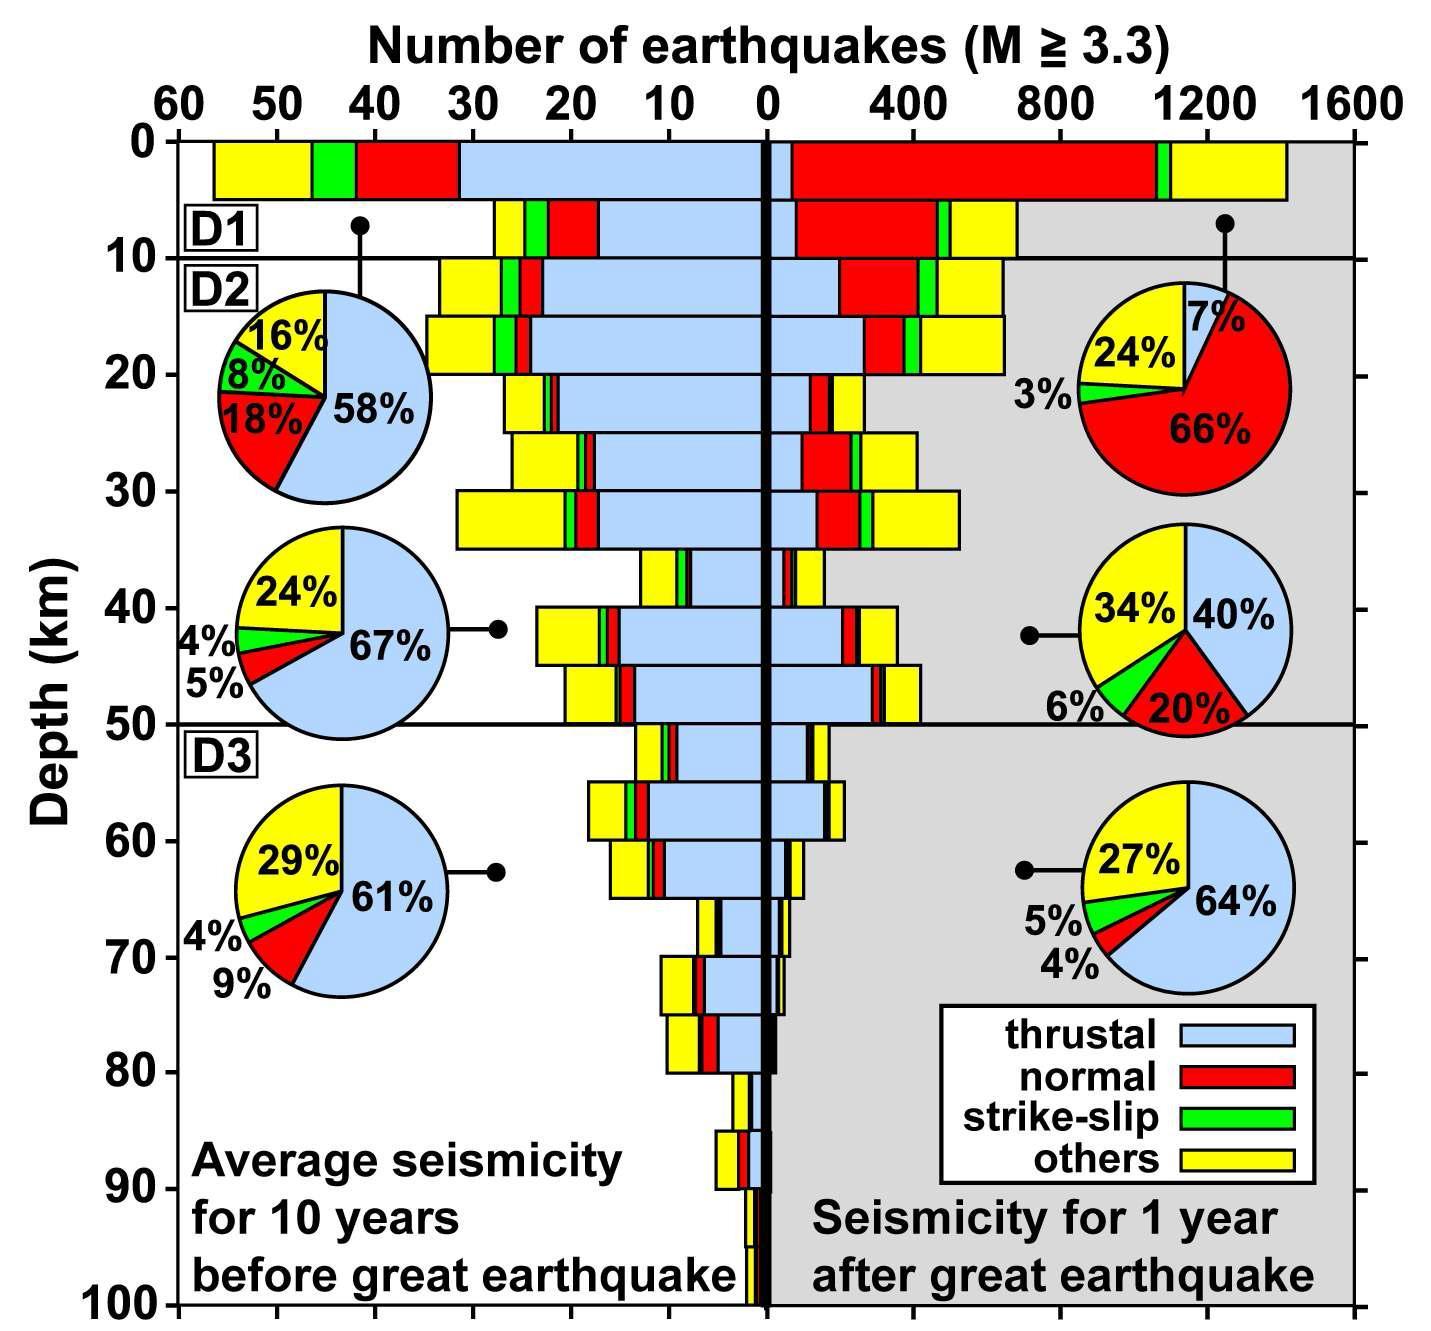 깊이별 지진 발생 분포. 깊이 범위에 따른 단층 유형별 구성비. 정단층 지진은 얕은 깊이에서 우세하게 발생하였다.